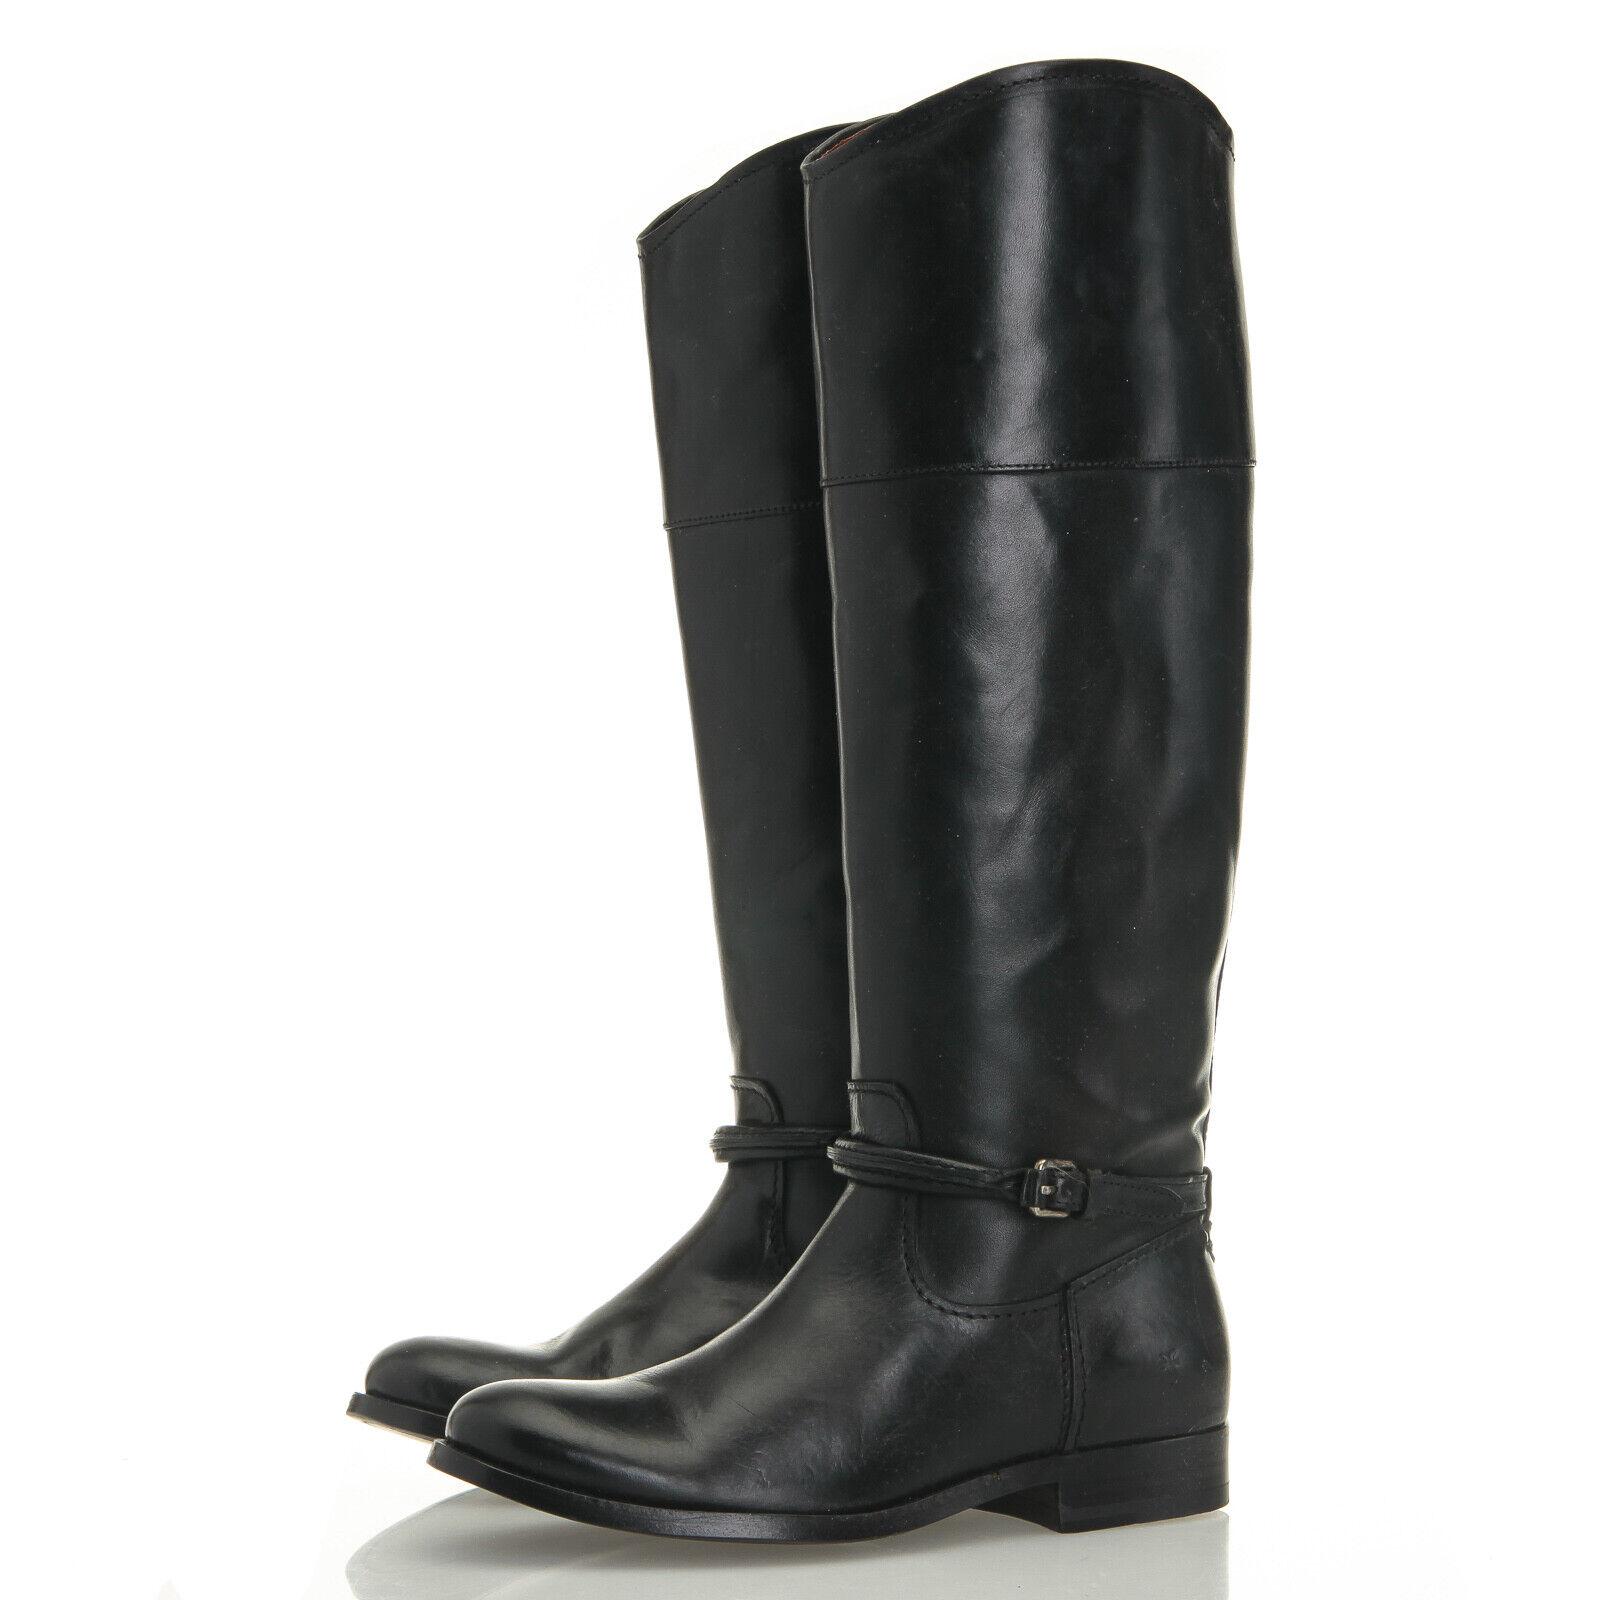 saldi Frye Melissa Melissa Melissa Seam Tall nero Leather Equestrian Riding stivali - Donna  5.5 M  acquistare ora